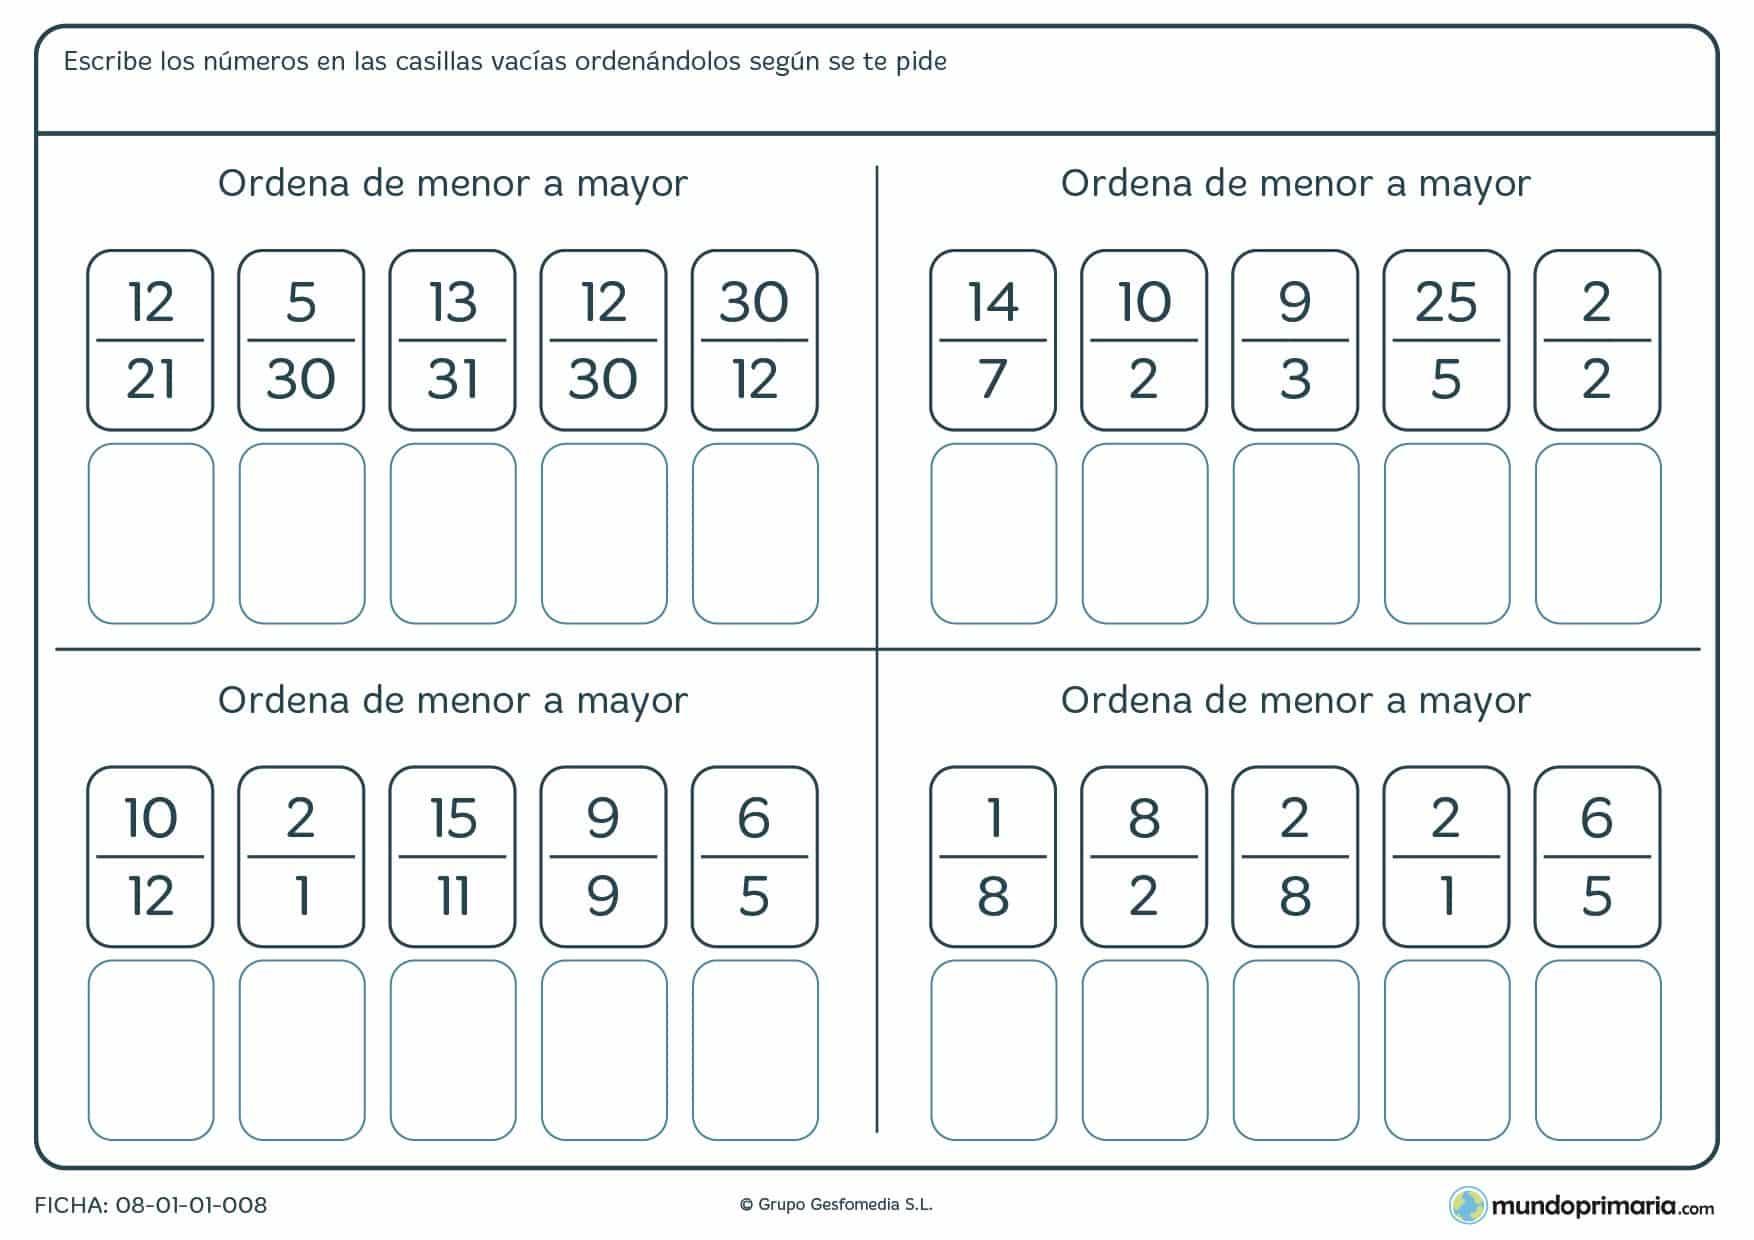 Ficha de ordenar fracciones de menor a mayor como te indica el enunciado, son 5 fracciones por ejercicio.